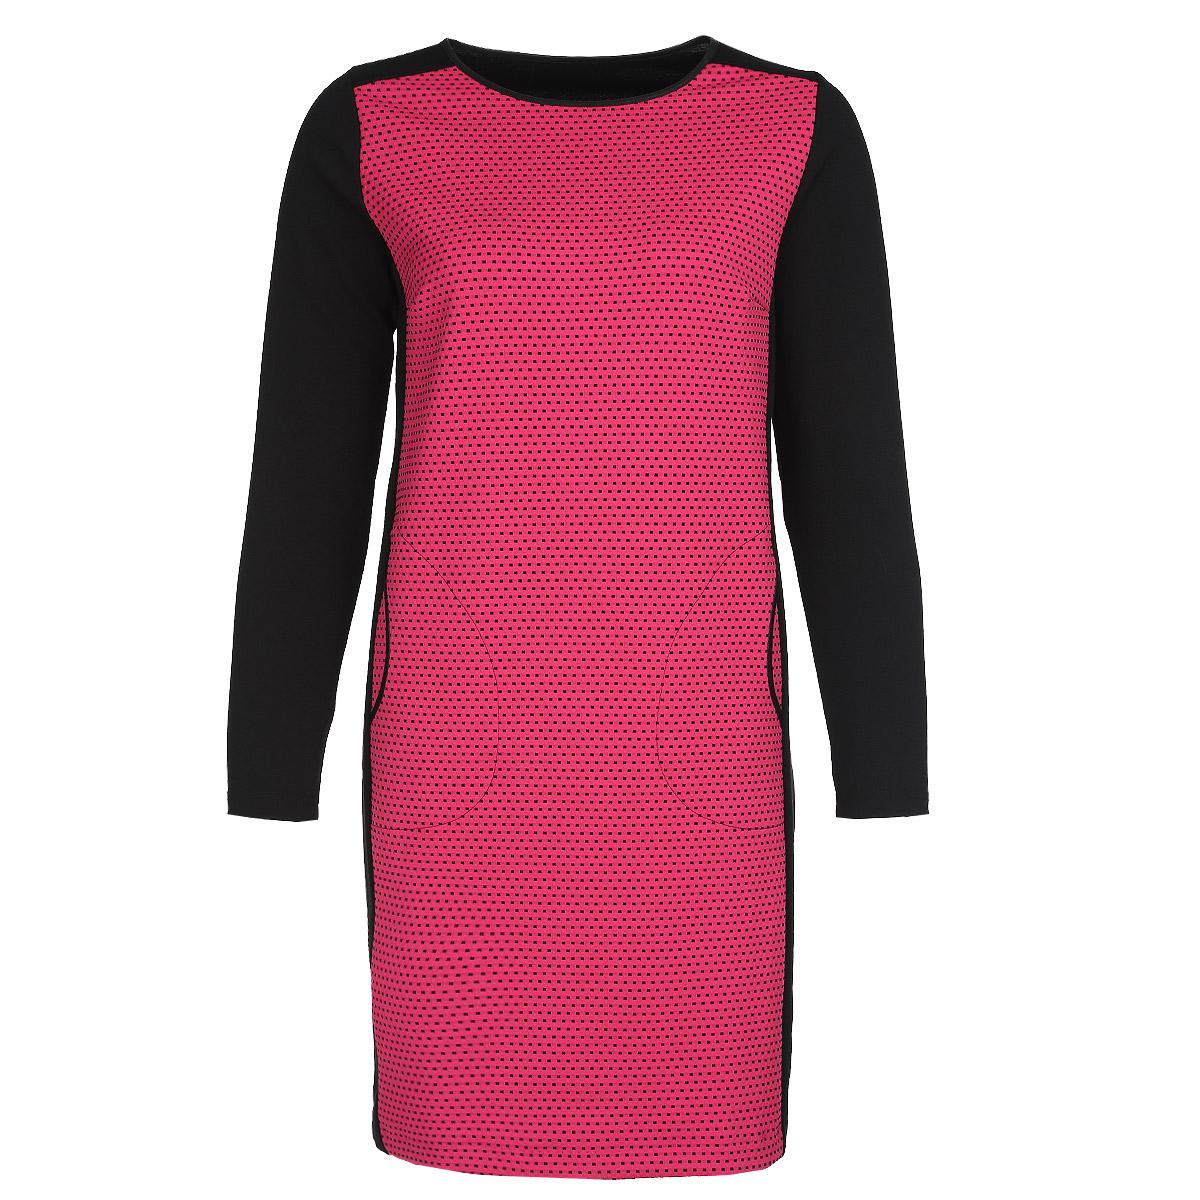 Платье. 15461546Стильное платье Milana Style, выполненное из высококачественного материала, будет отлично на вас смотреться. Модель прямого кроя с длинными рукавами и круглым вырезом горловины подчеркнет ваш стиль. Изделие дополнено двумя боковыми втачными карманами. Трикотажное платье средней длины выполнено в безупречной гармоничной цветовой гамме. Идеальный вариант для тех, кто ценит комфорт и качество.